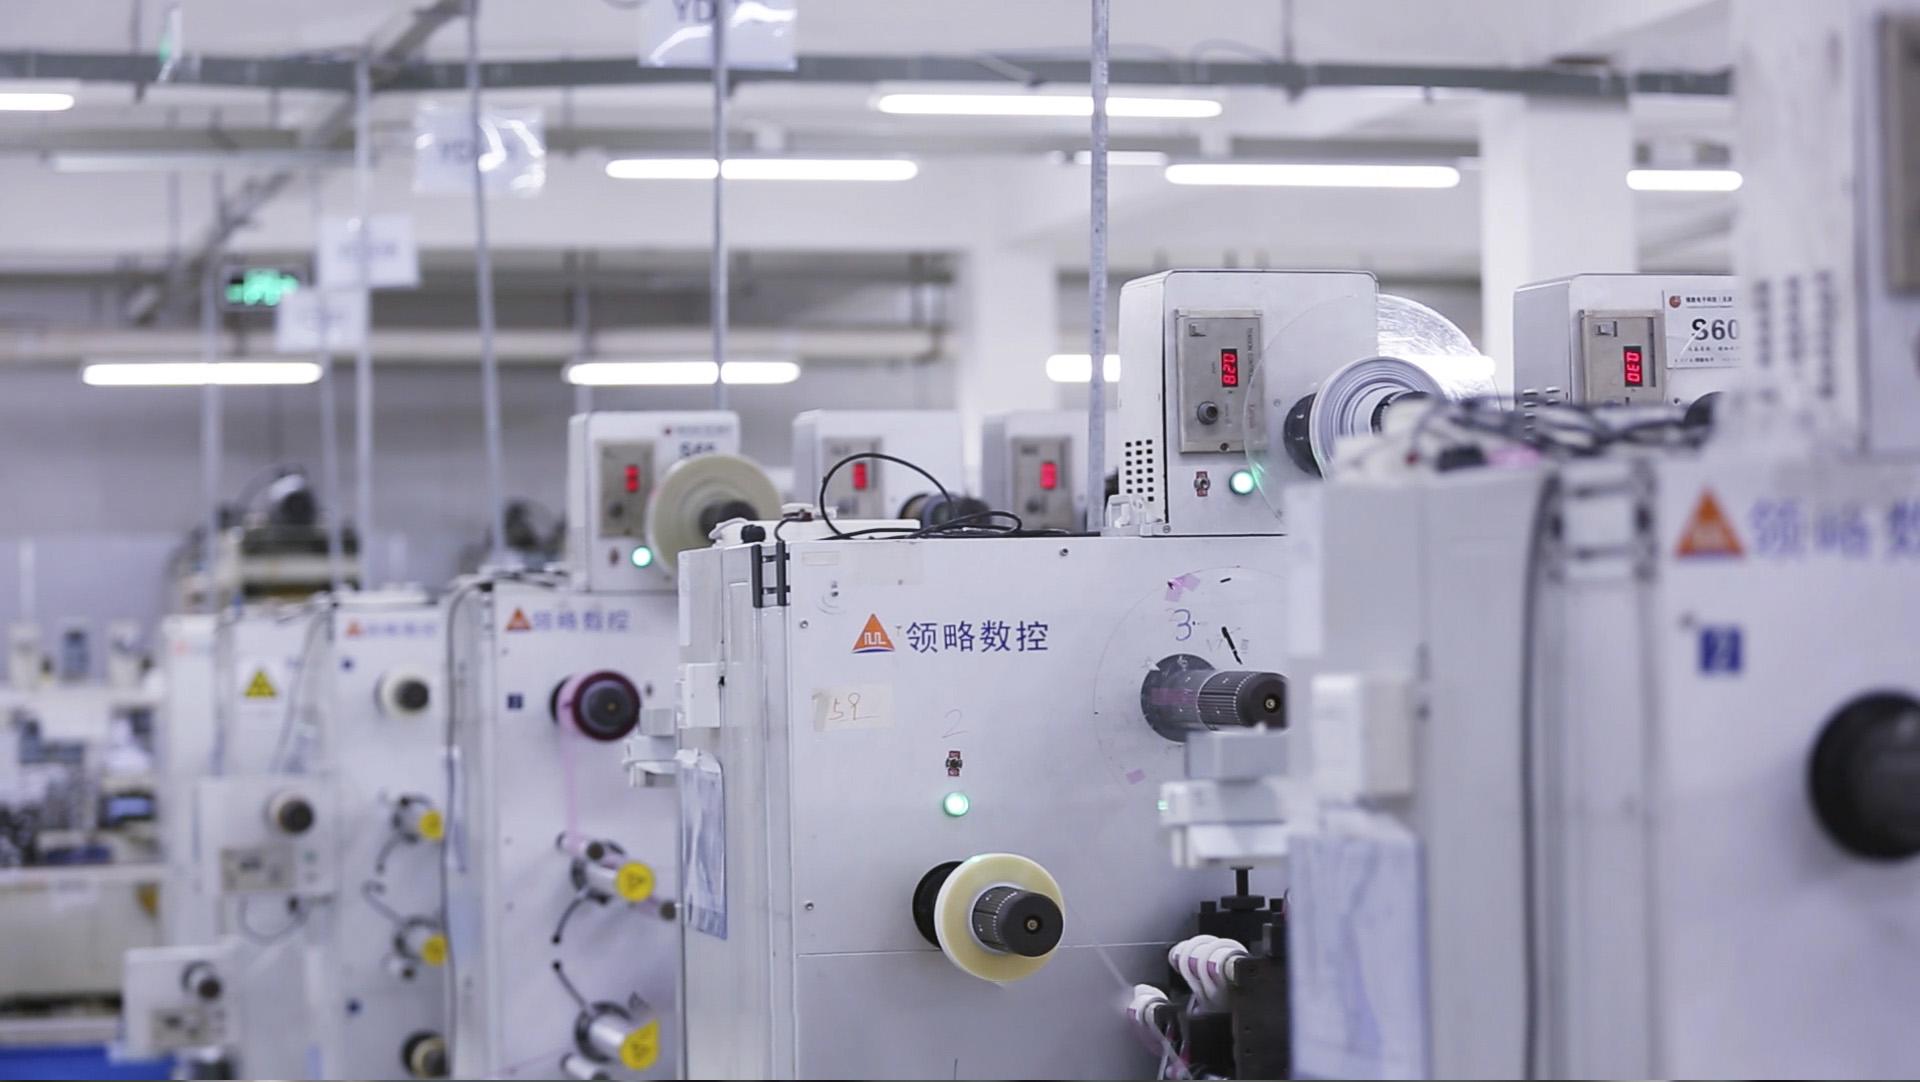 领益智造拟收购浙江锦泰95%股权切入新能源汽车领域